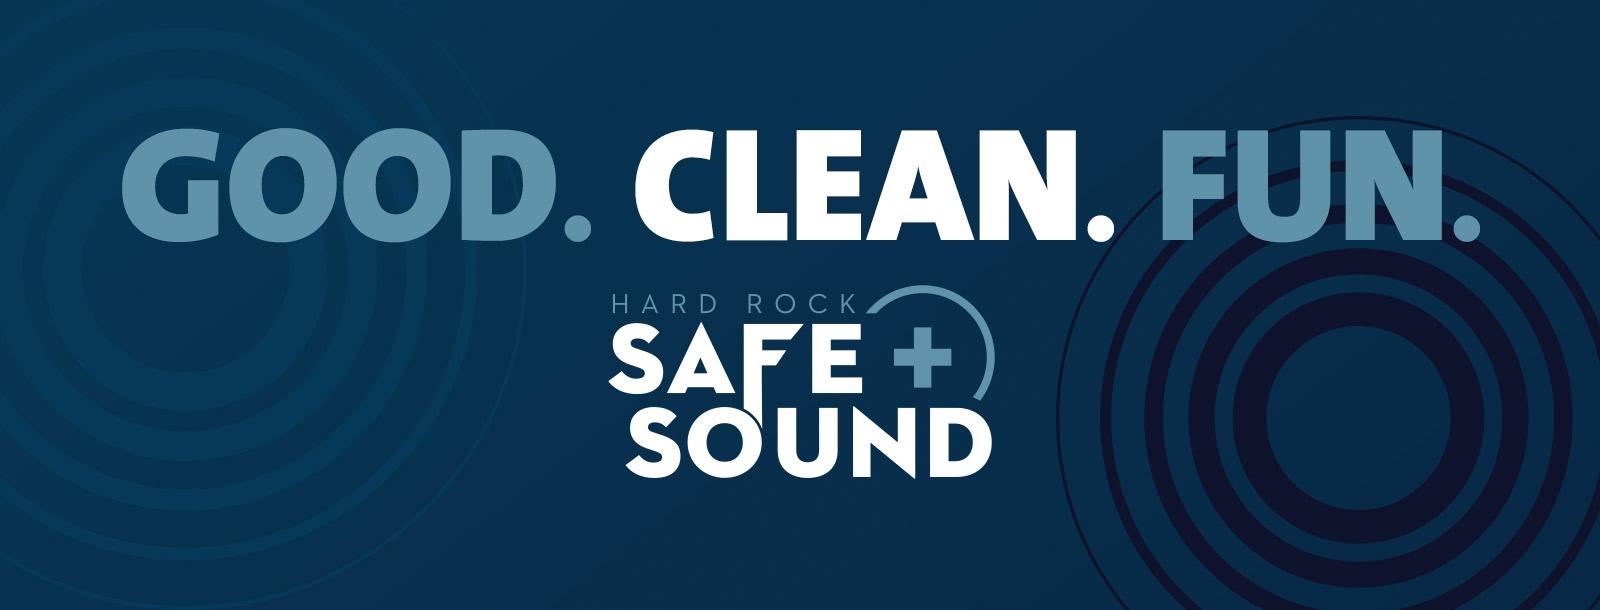 good clean fun safe sound